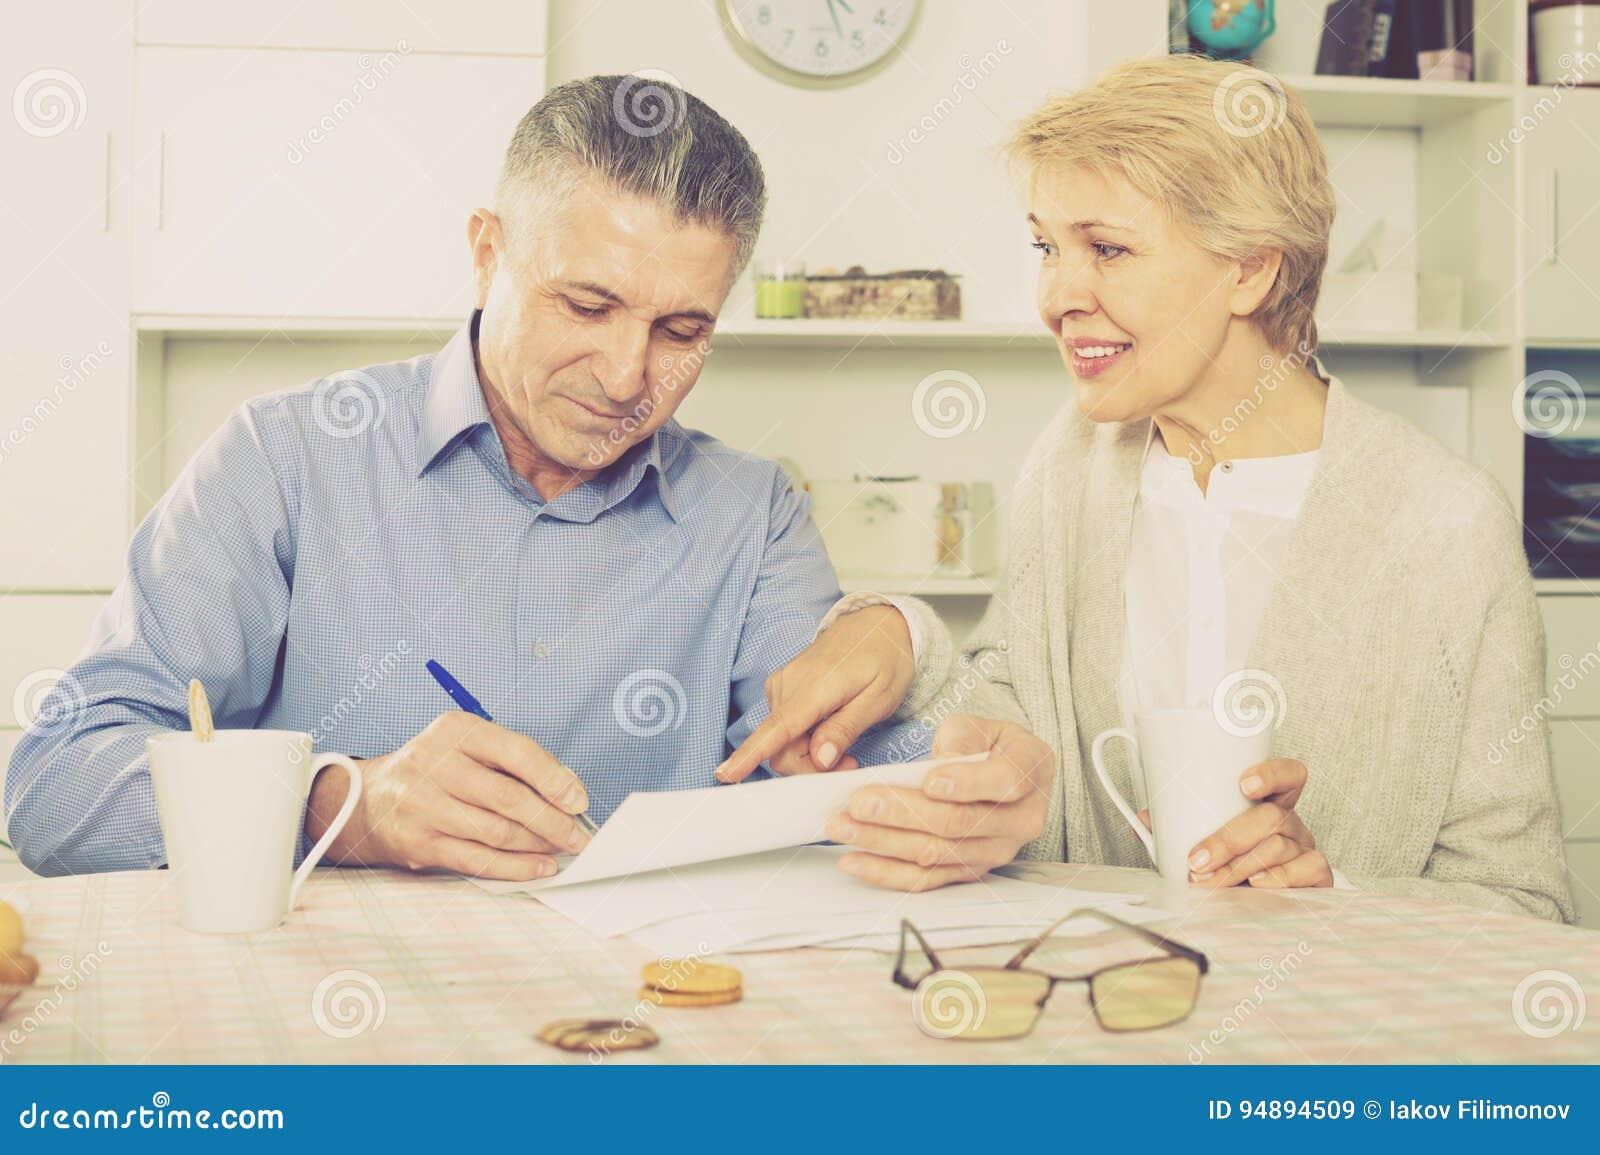 Το εύθυμο ώριμο ζεύγος στον πίνακα μελετά προσεκτικά τα έγγραφα